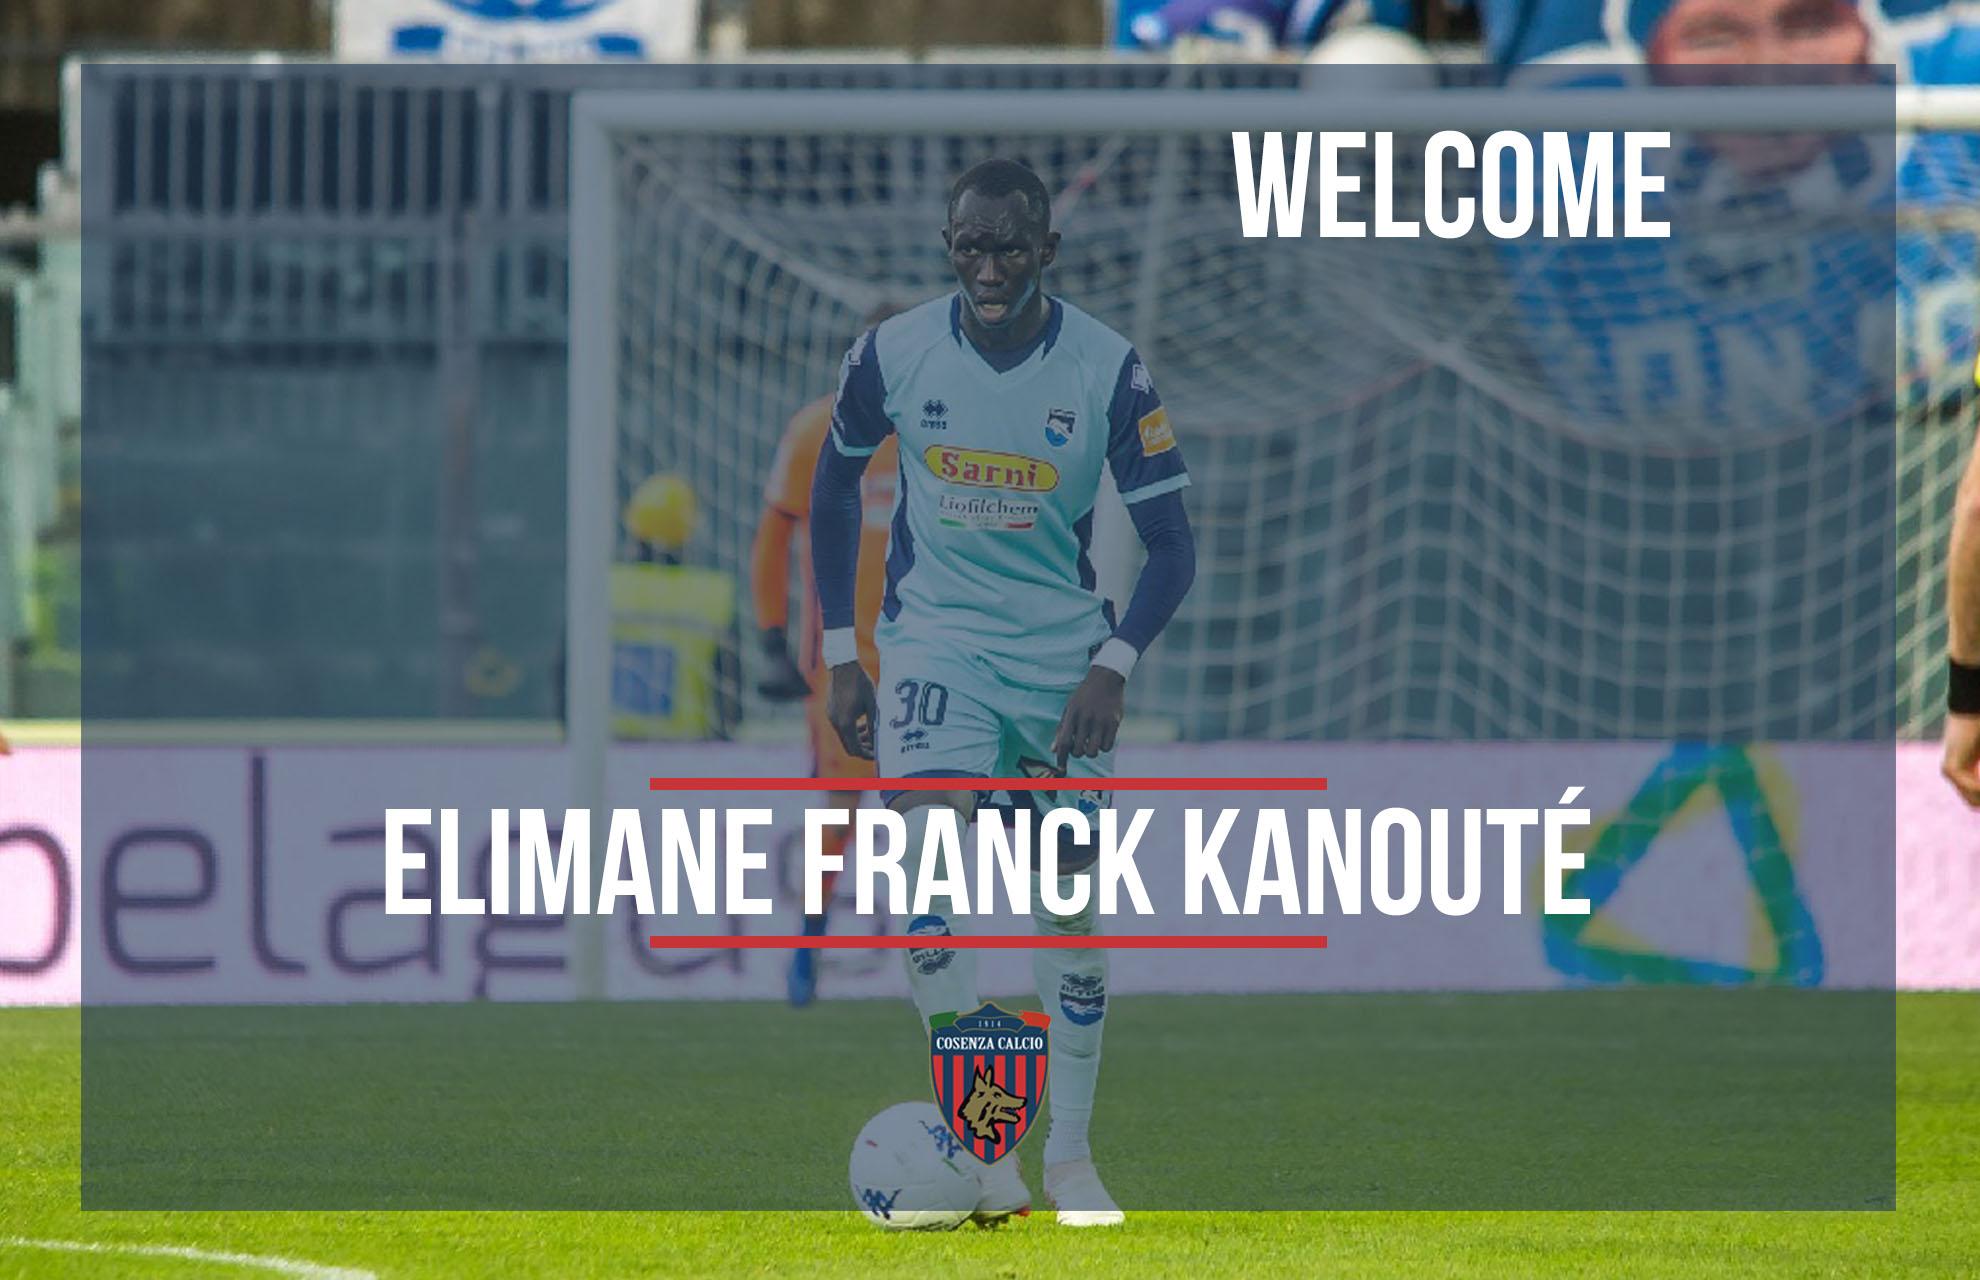 Kanouté